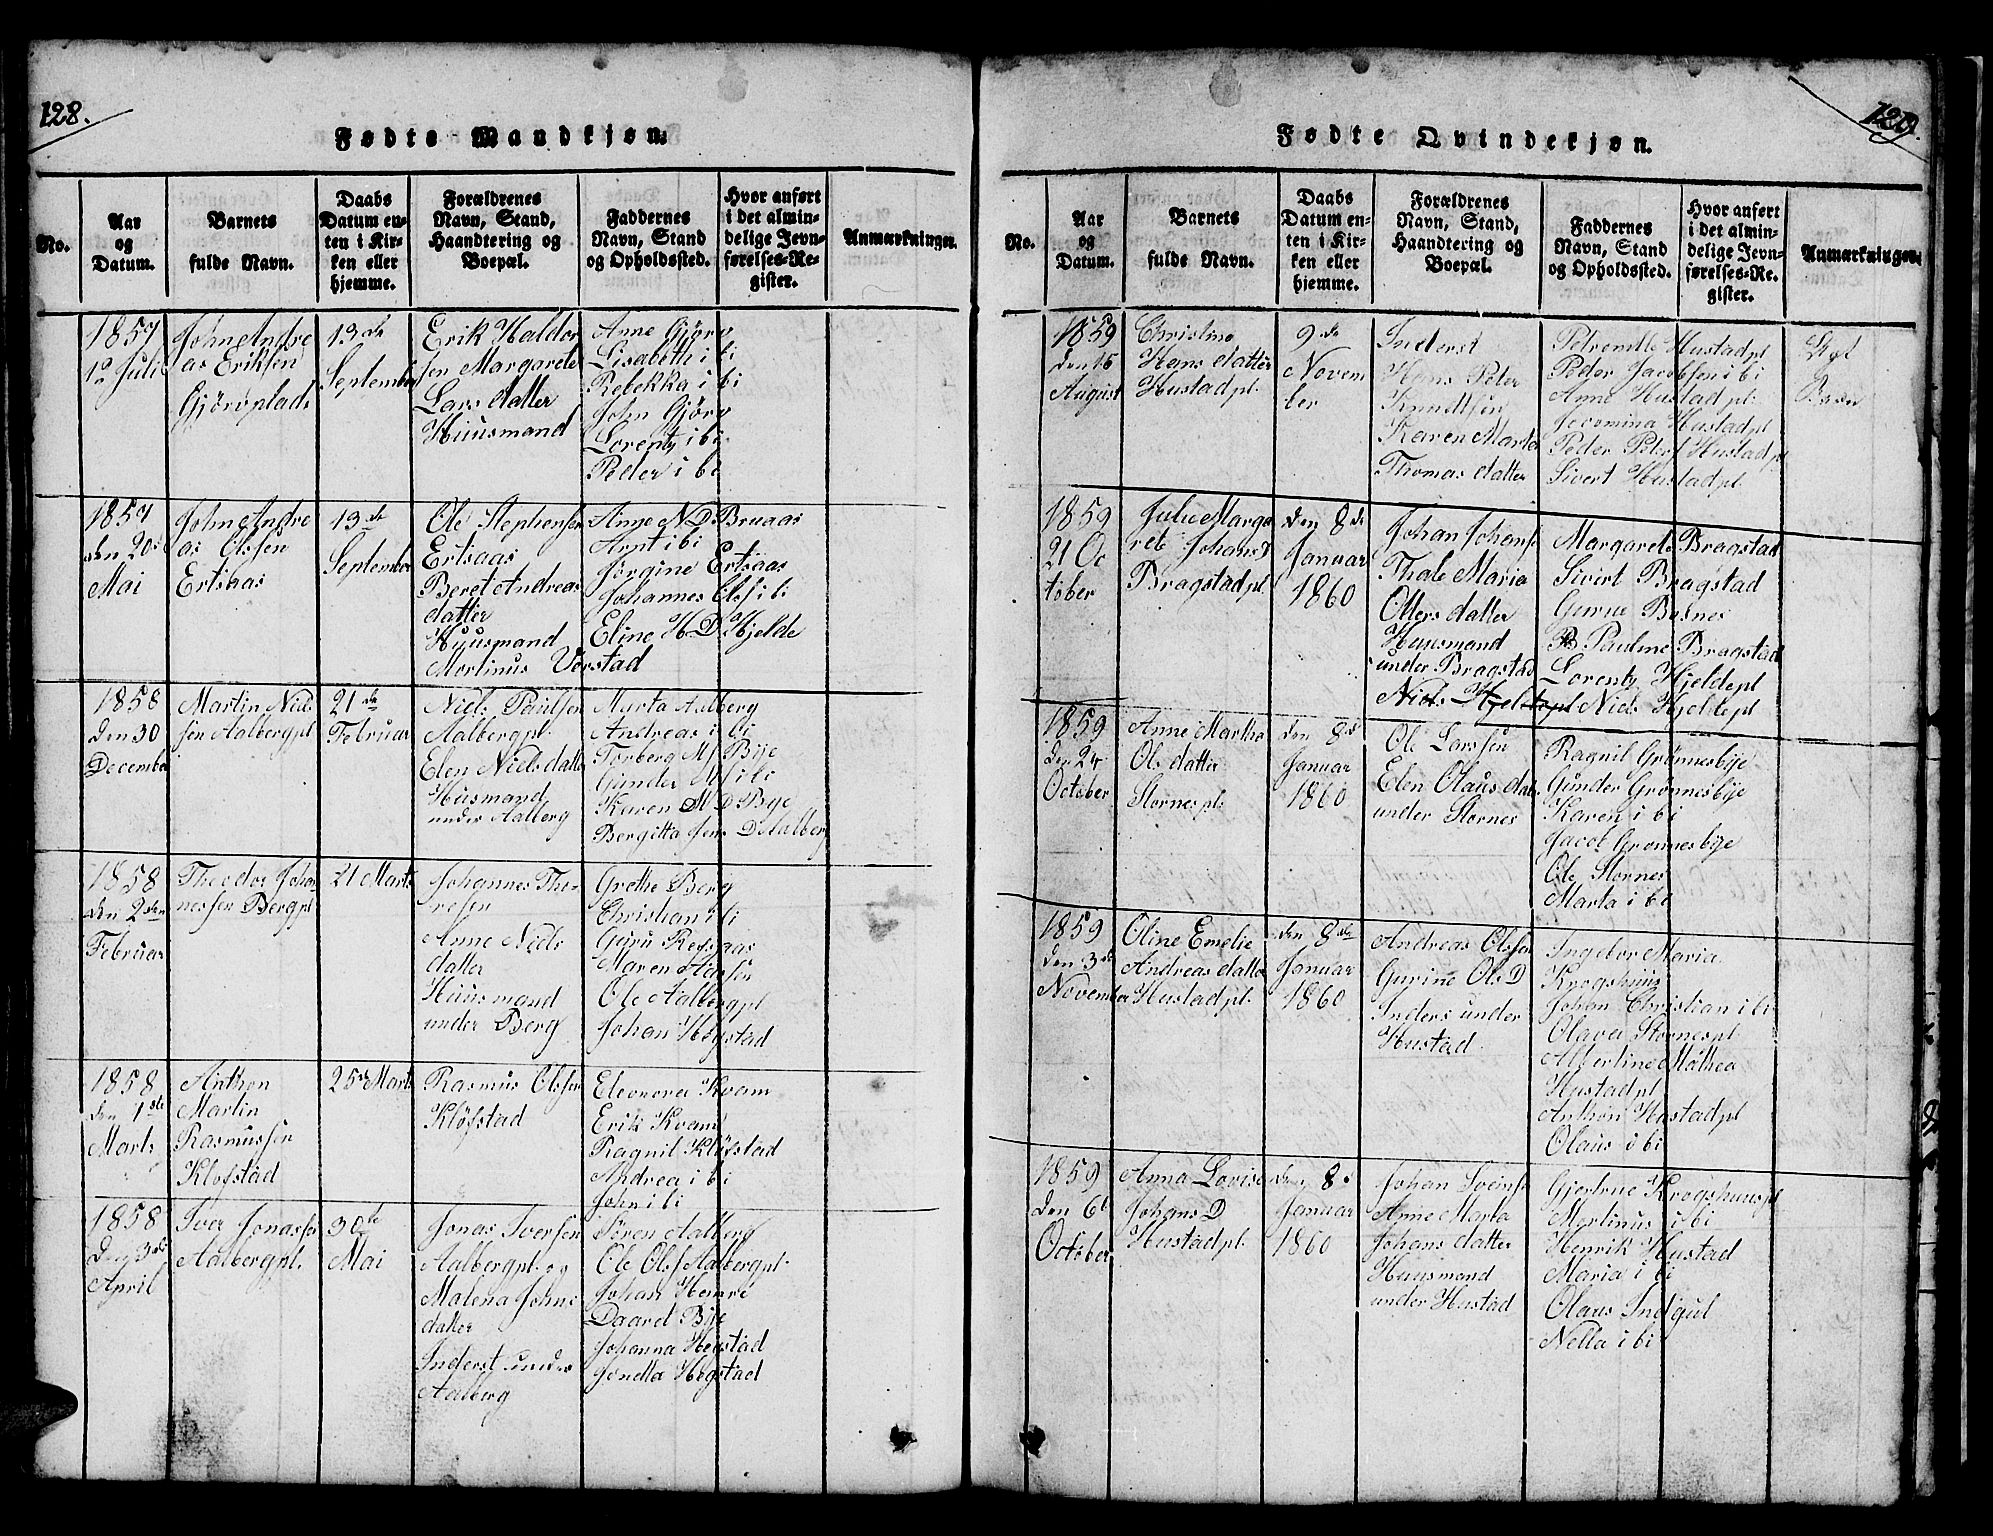 SAT, Ministerialprotokoller, klokkerbøker og fødselsregistre - Nord-Trøndelag, 732/L0317: Klokkerbok nr. 732C01, 1816-1881, s. 128-129